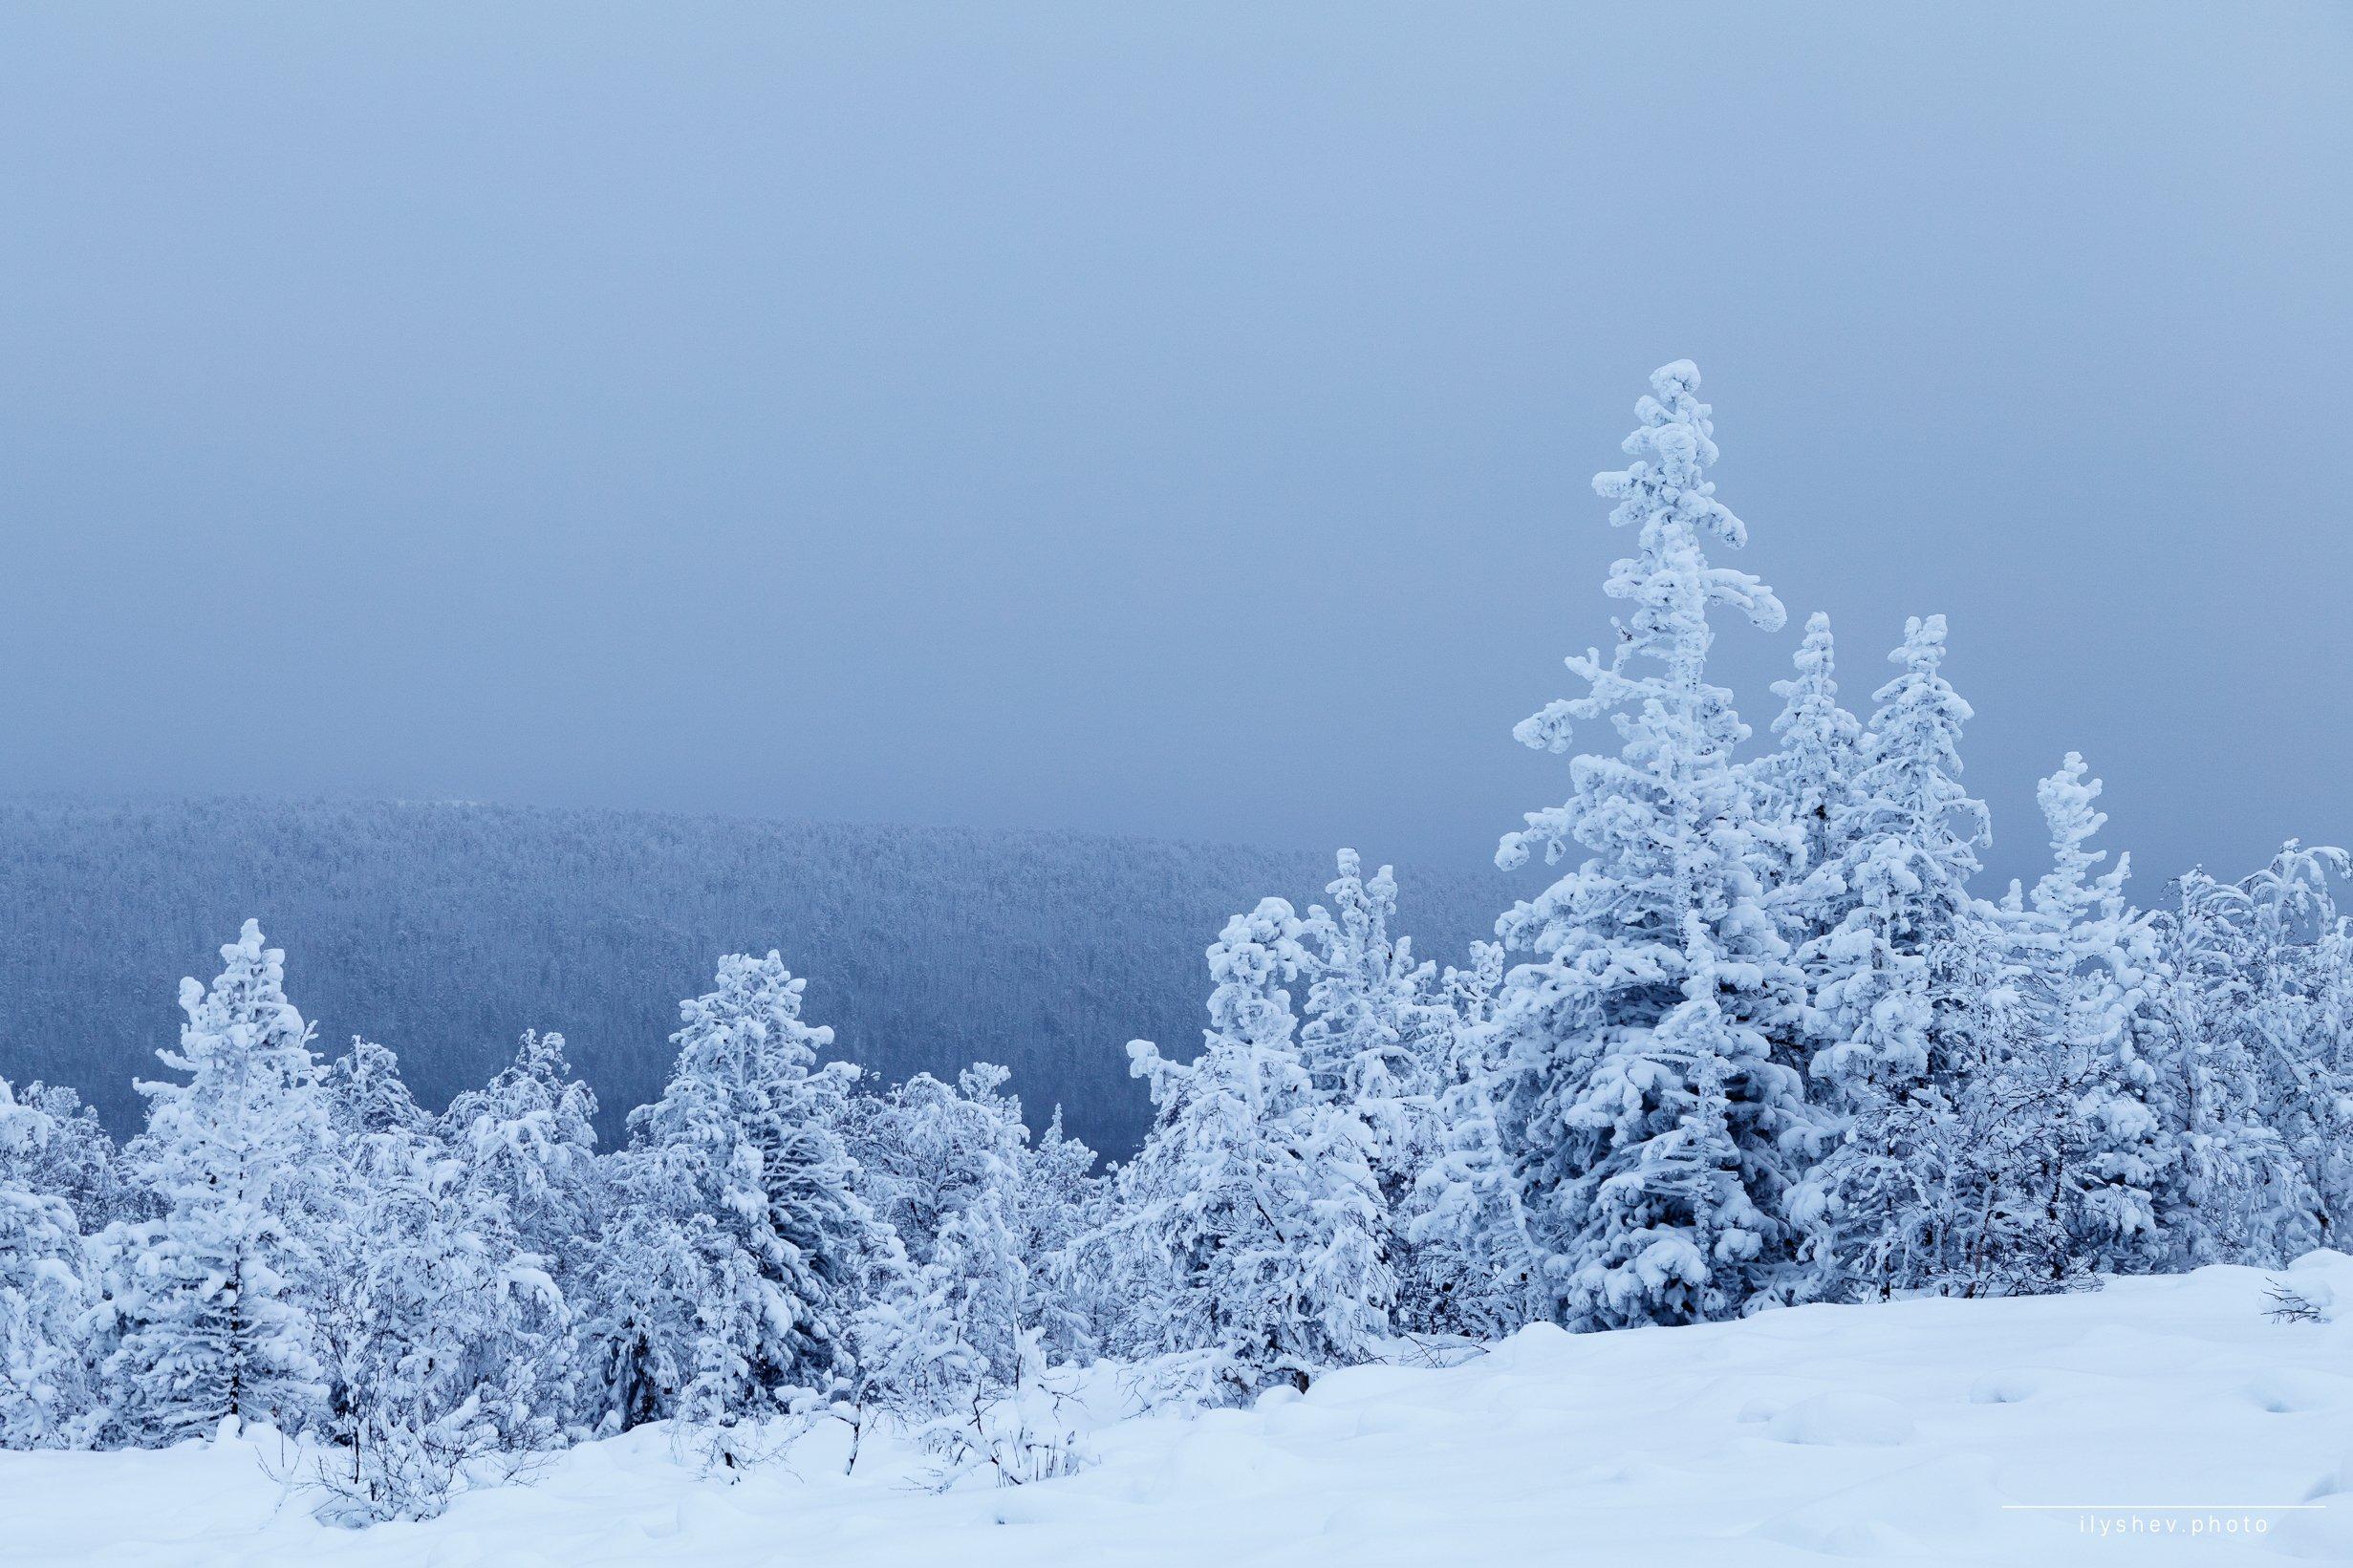 природа, пейзаж, зима, снег, елки, урал, россия, ГУХ, северный урал, Дмитрий Илышев